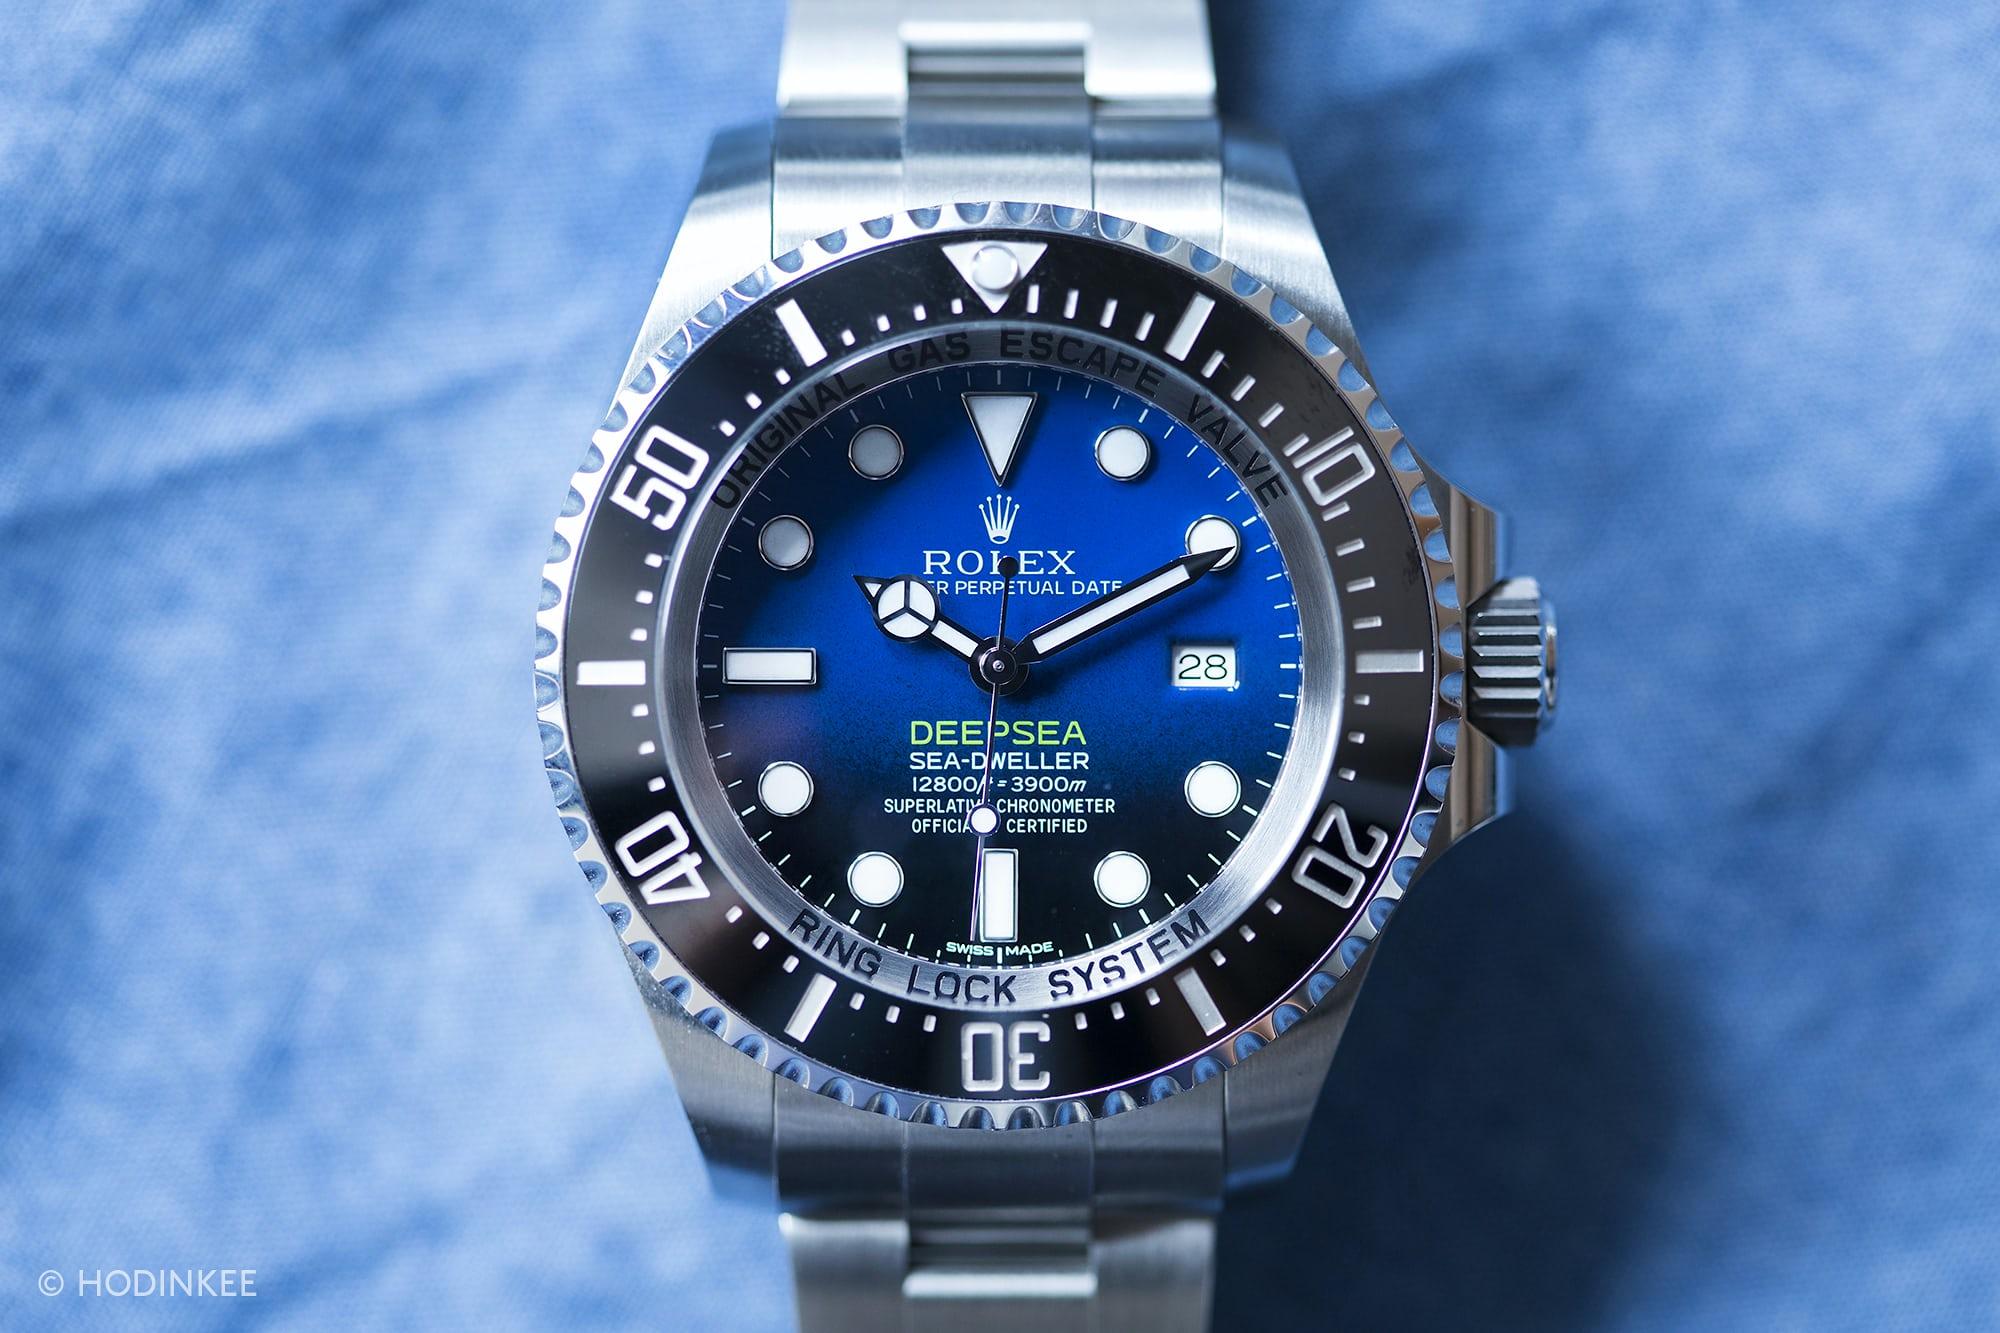 rolex sea dweller essay Writing an essay for college xls rolex sea dweller deep sea comparison essay.